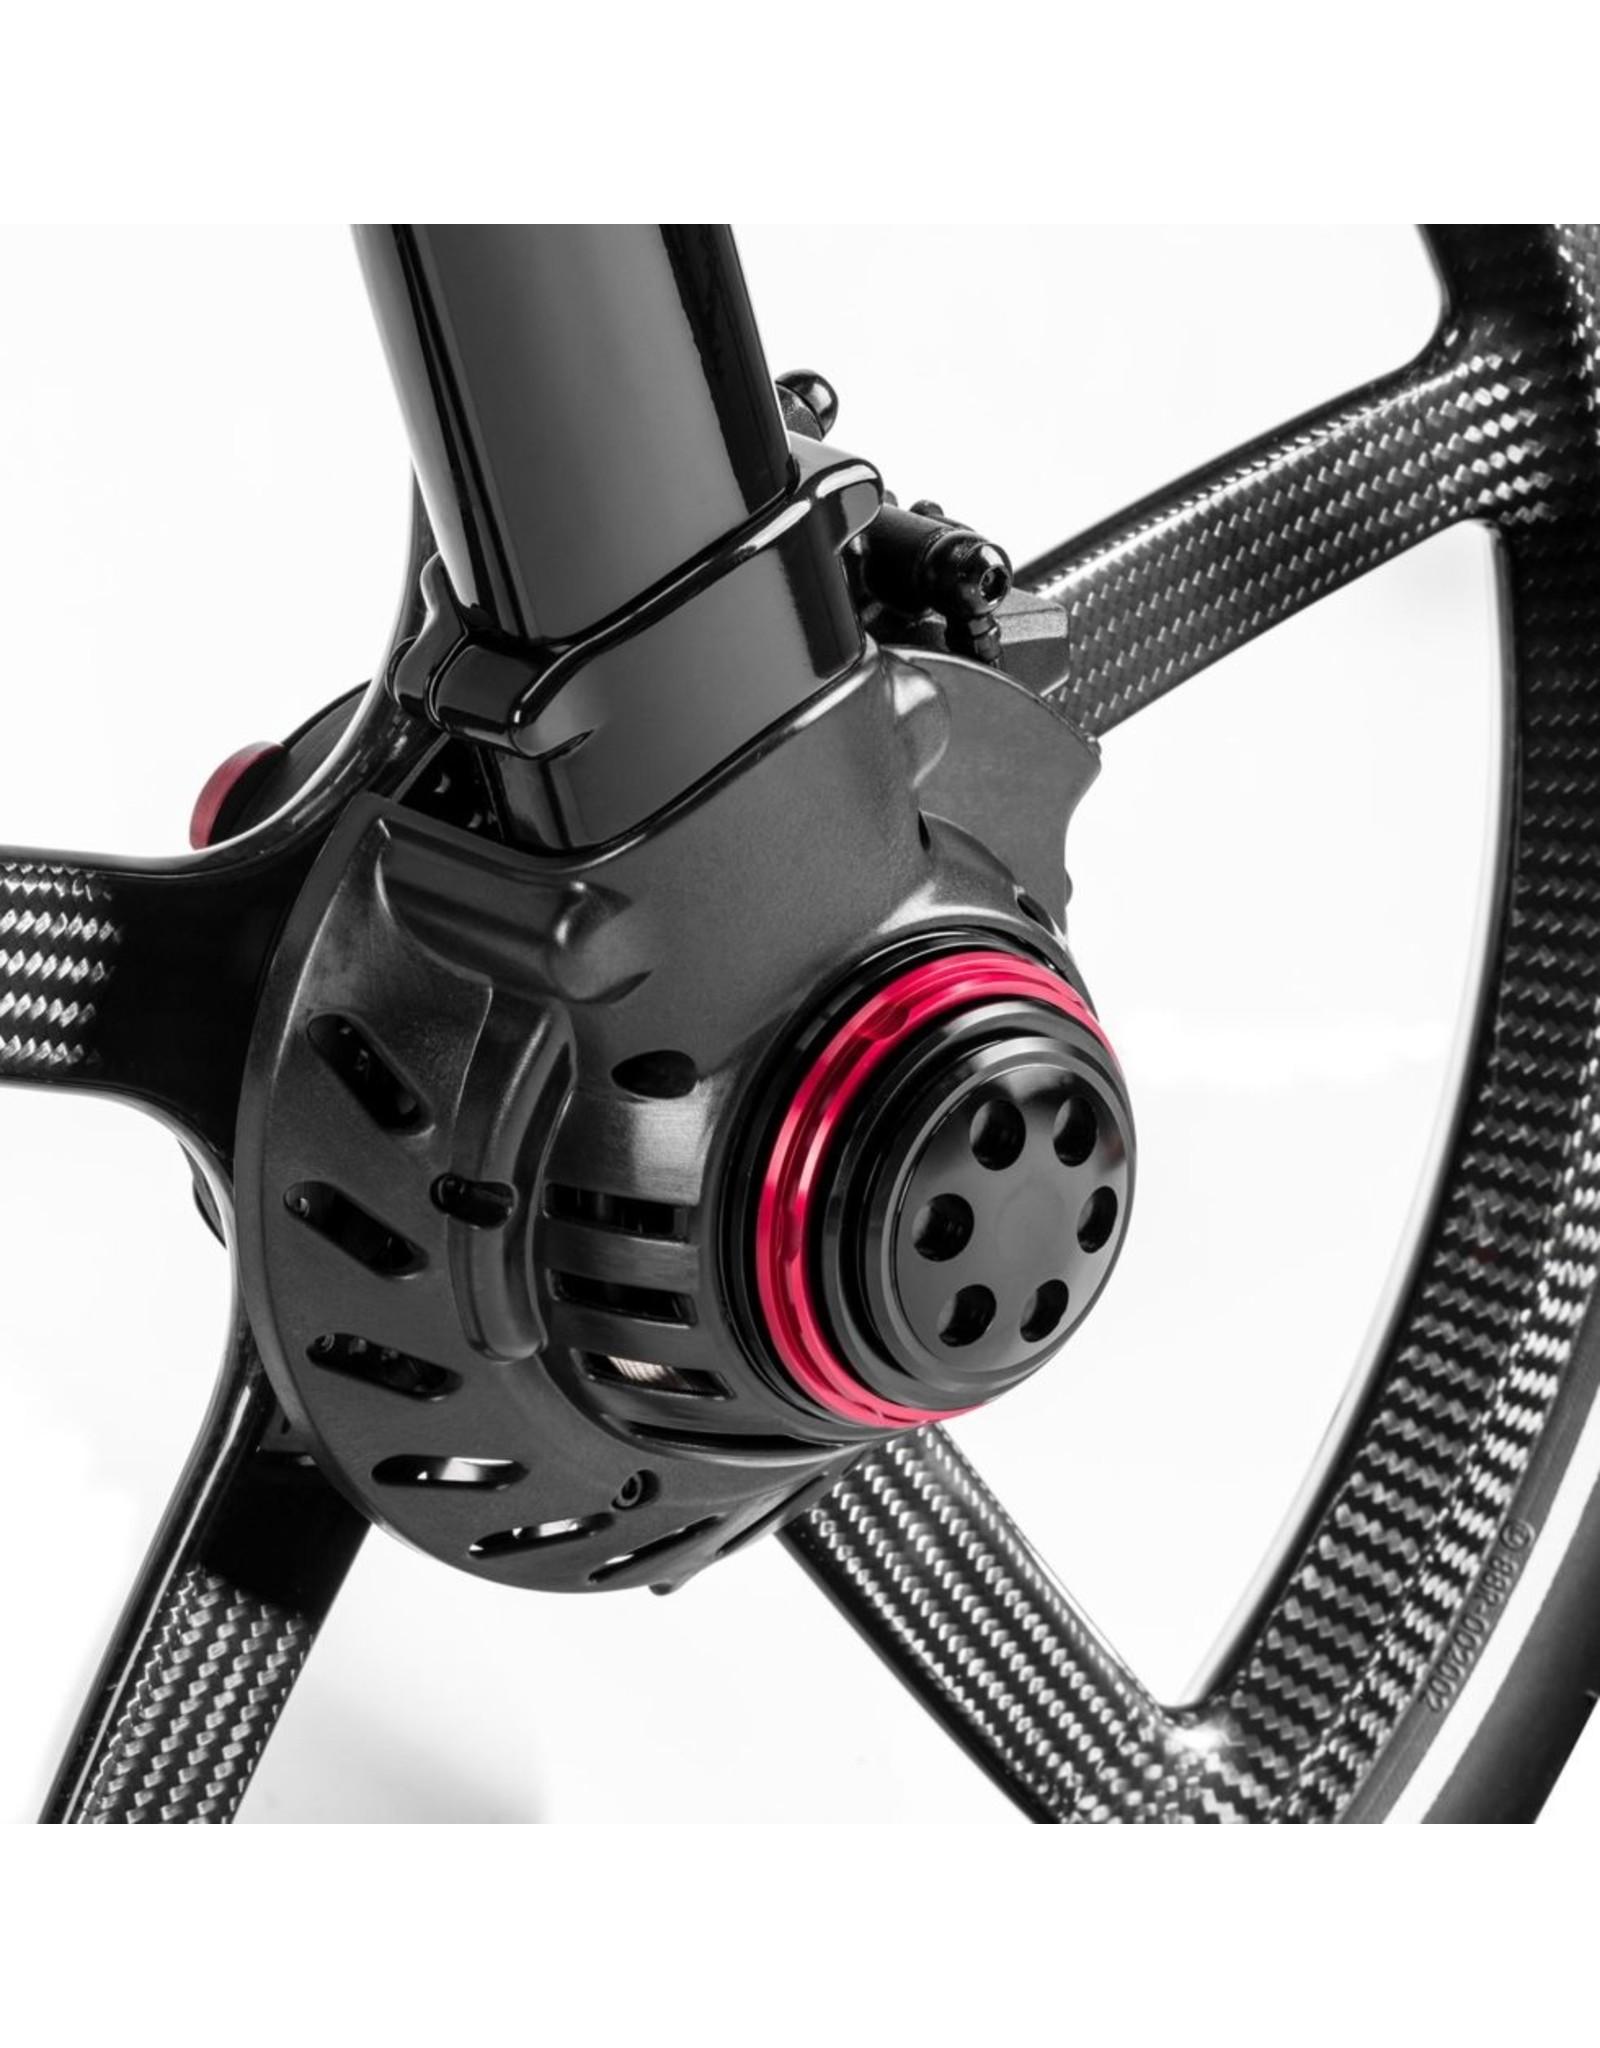 Gocycle GoCycle G3+ folding electric bike matte black